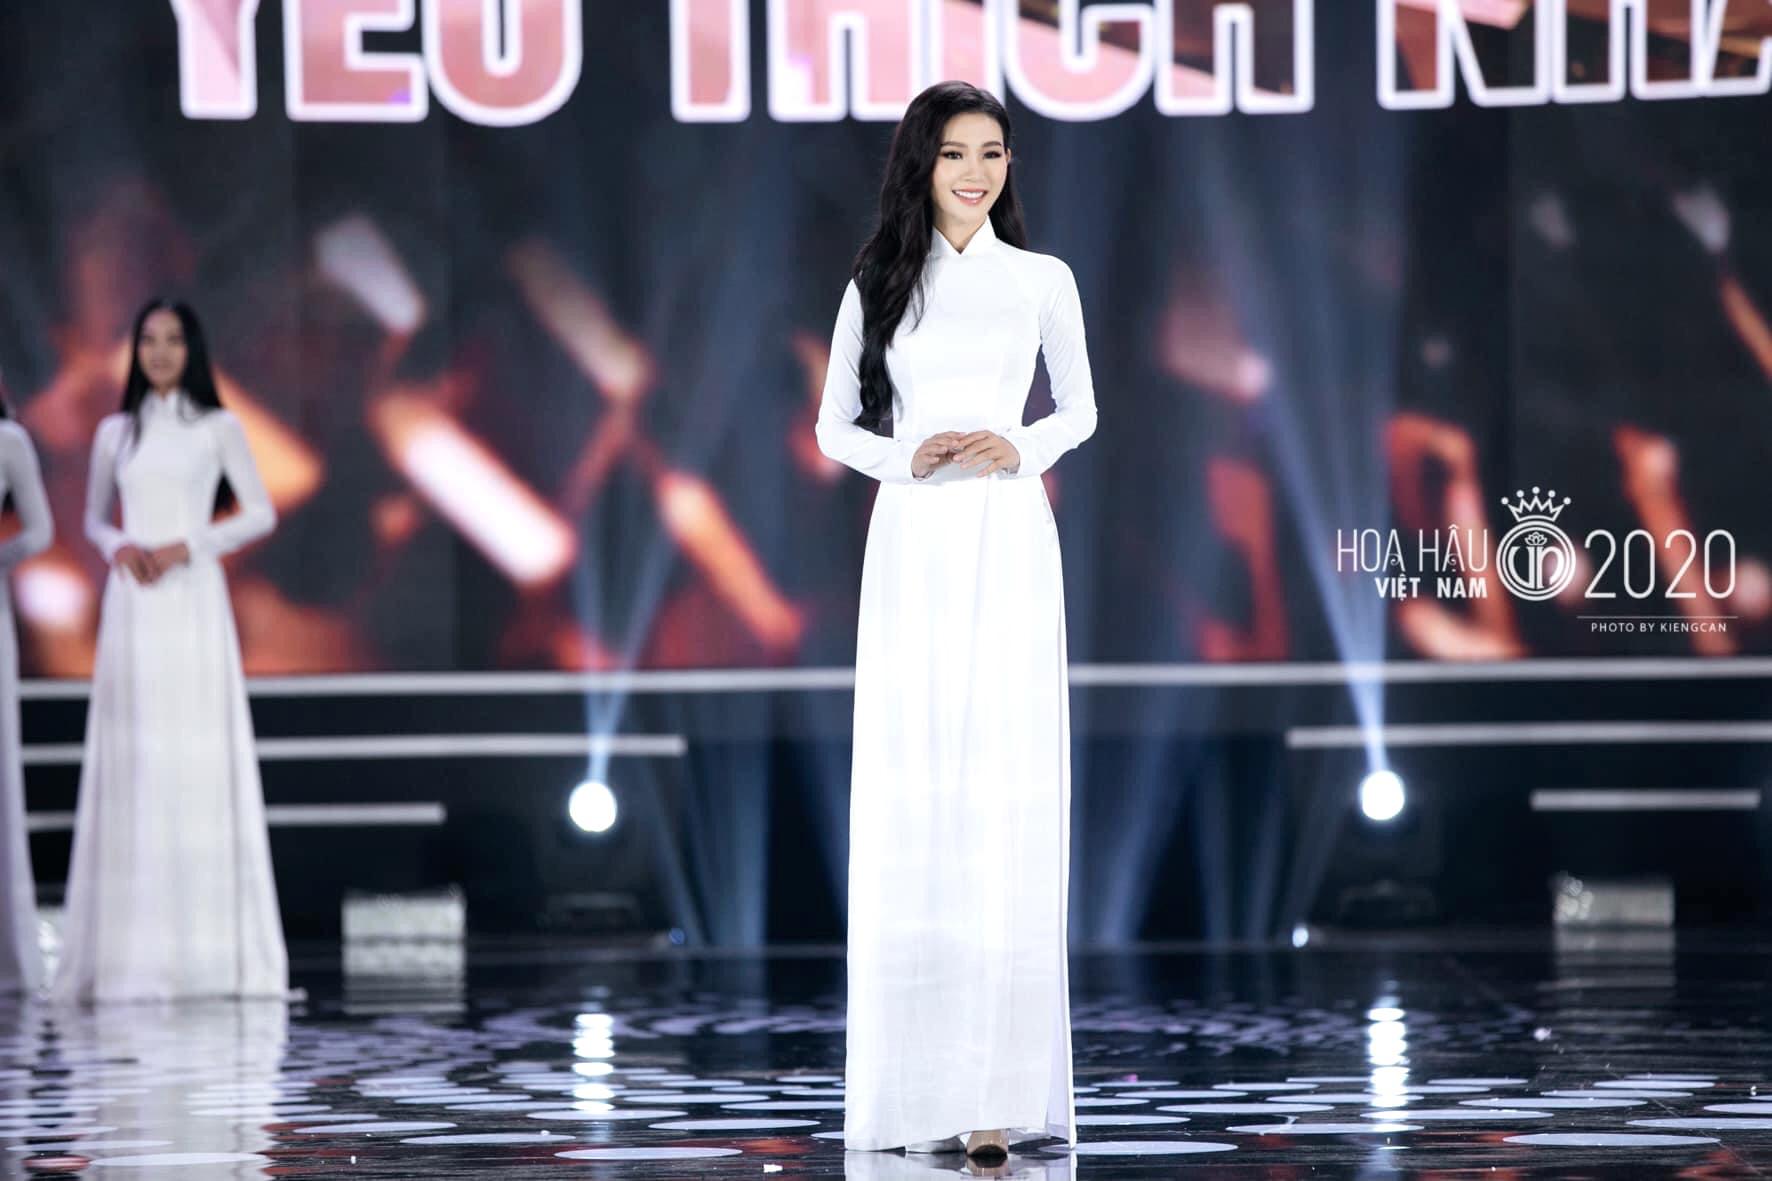 Đậu Hải Minh Anh: Giải thưởng Người đẹp được yêu thích nhất là dấu mốc đời tôi - Ảnh 5.